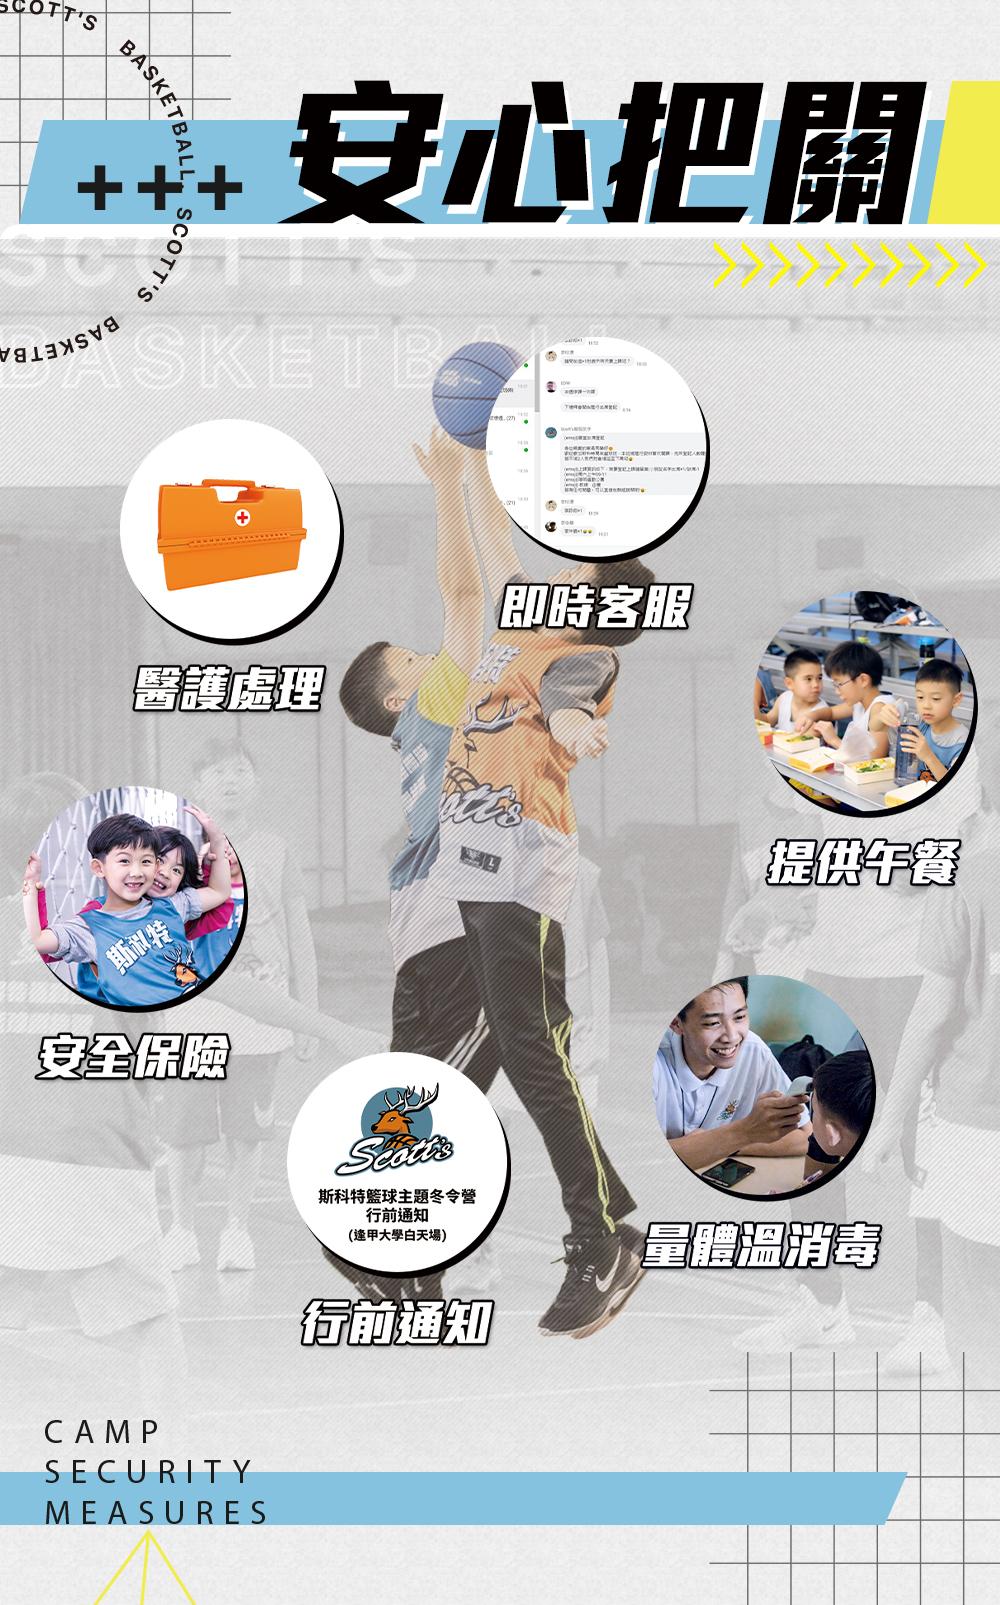 夏令營, 籃球營, 2020夏令營, 兒童營隊, 冬令營, 籃球營隊, 籃球教學, 籃球課程, 運動課程, 運動營隊, 體育營隊, 家庭活動, 體育, 斯科特運動團隊, 斯科特, 籃球營, 夏令營, 籃球營隊, 籃球夏令營隊, 2020籃球夏令營